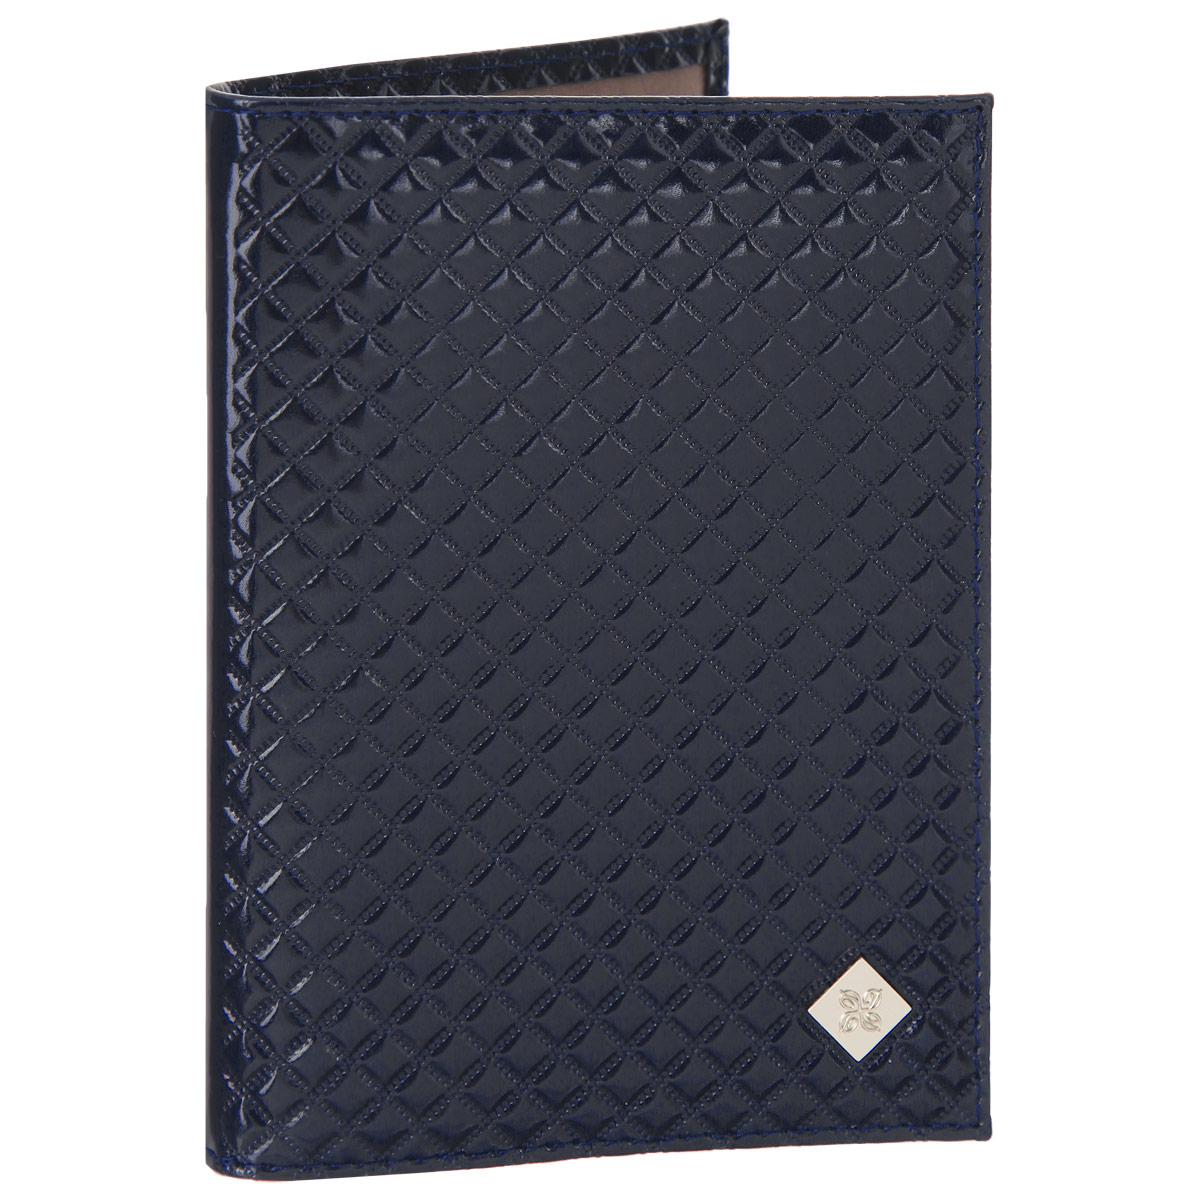 Обложка для паспорта женская Dimanche Rich, цвет: синий. 580/3 обложки вектор обложка паспорта